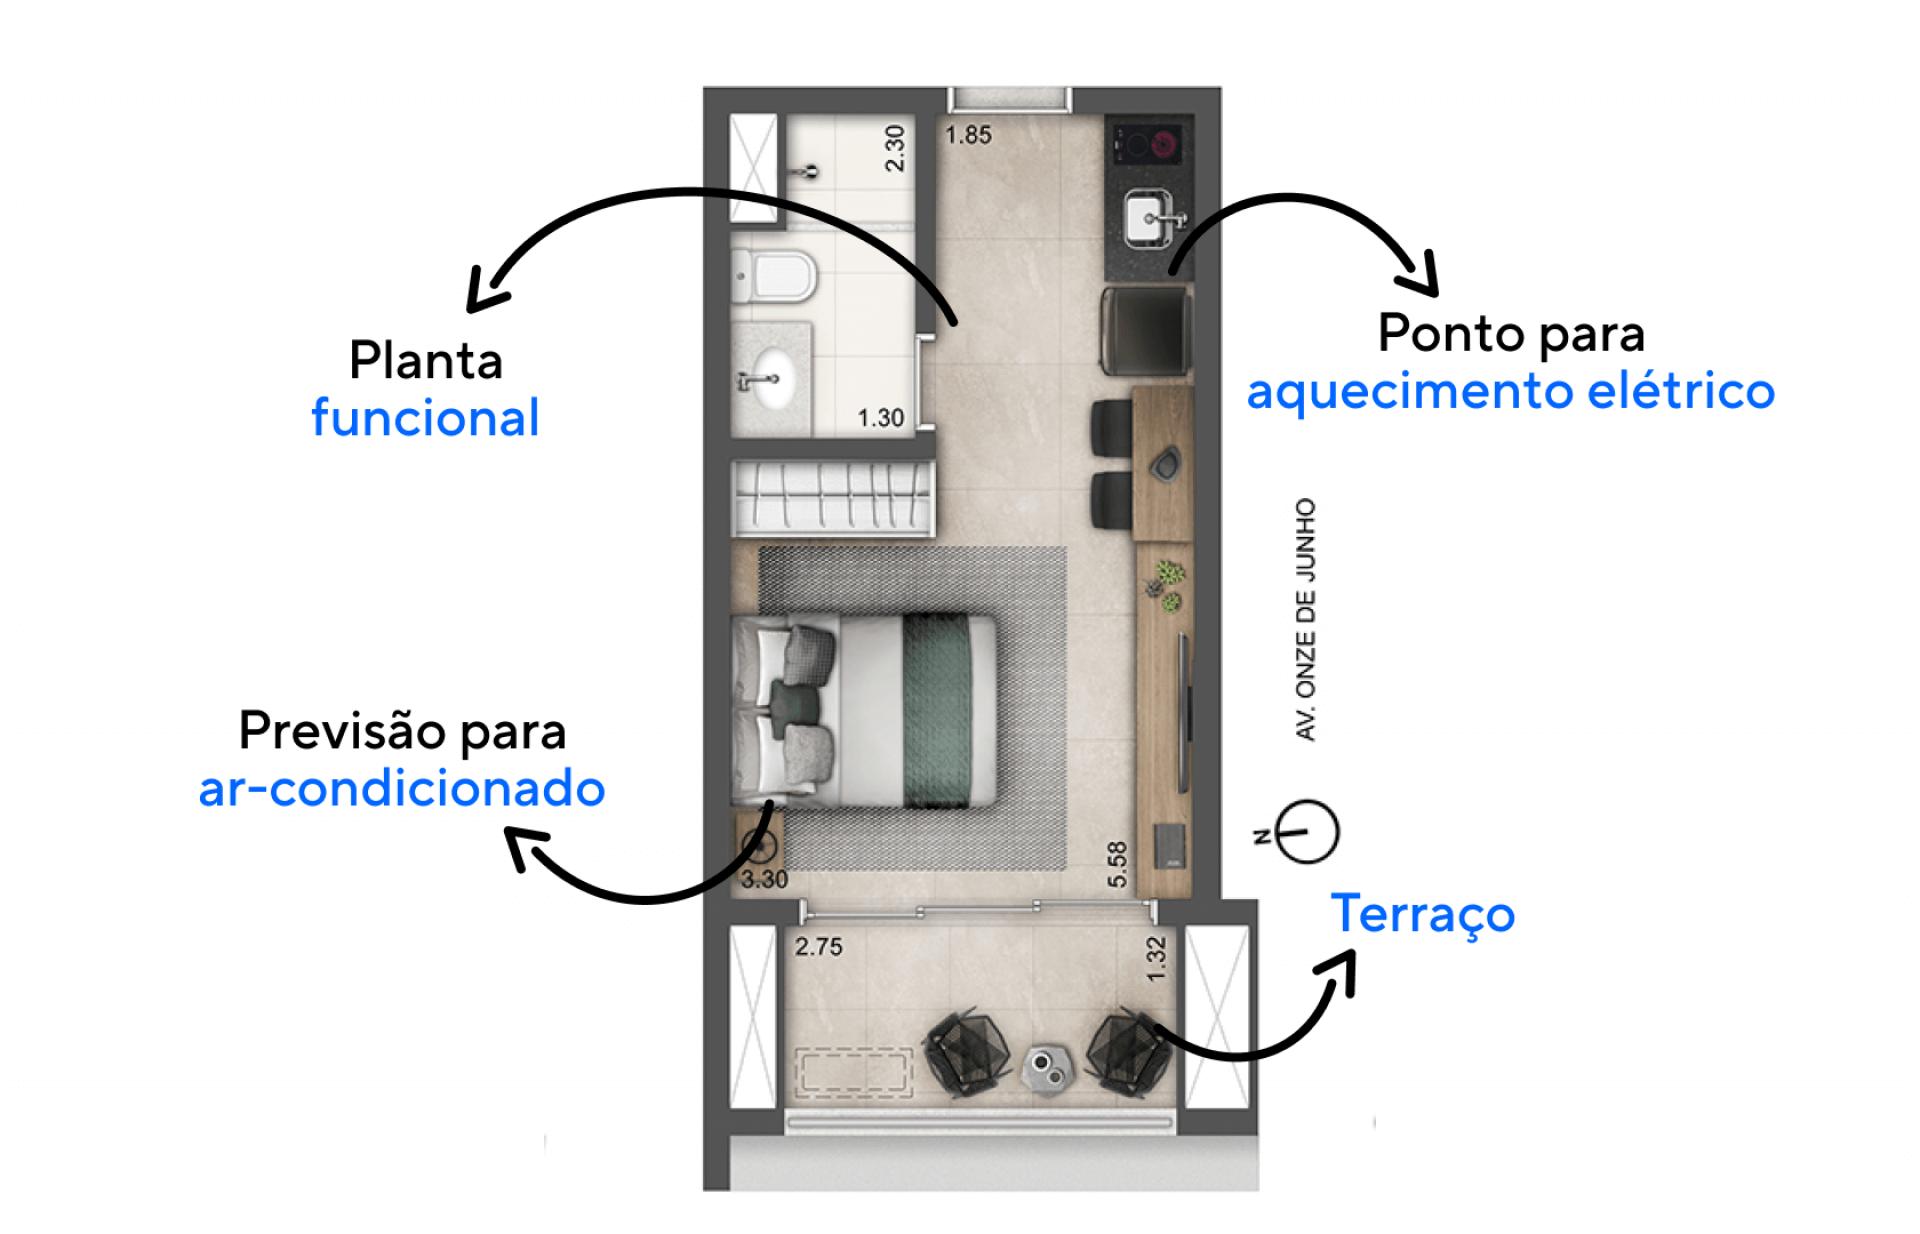 25 M² - STUDIO com plantas funcionais e compactadas que integram totalmente os ambientes internos, uma configuração para quem tem um dia a dia prático e moderno.